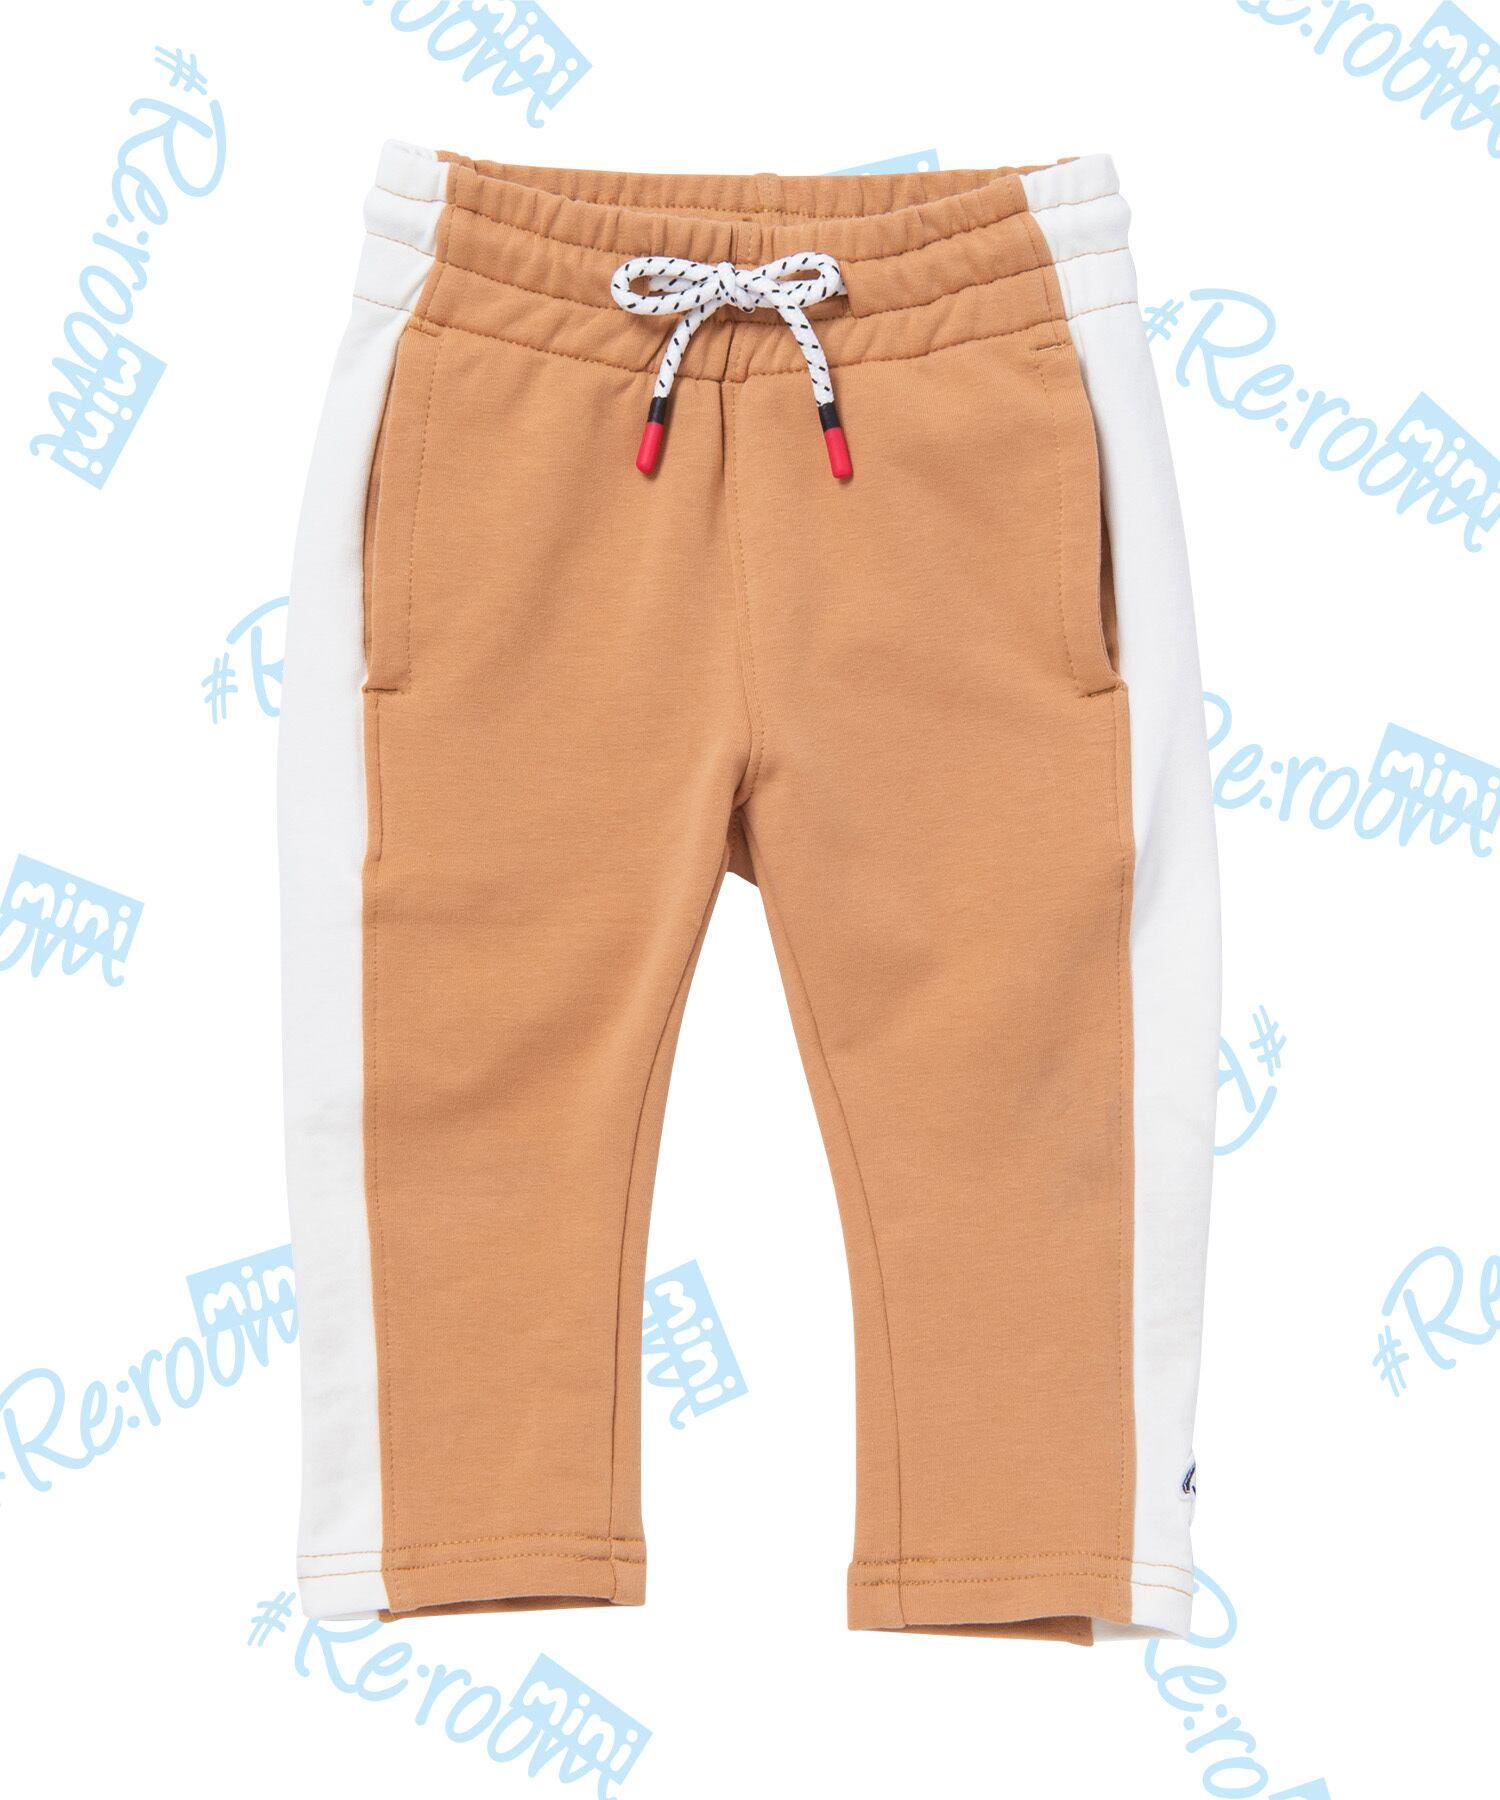 SIDE LINE SKINNY SWEAT PANTS[RKP002]